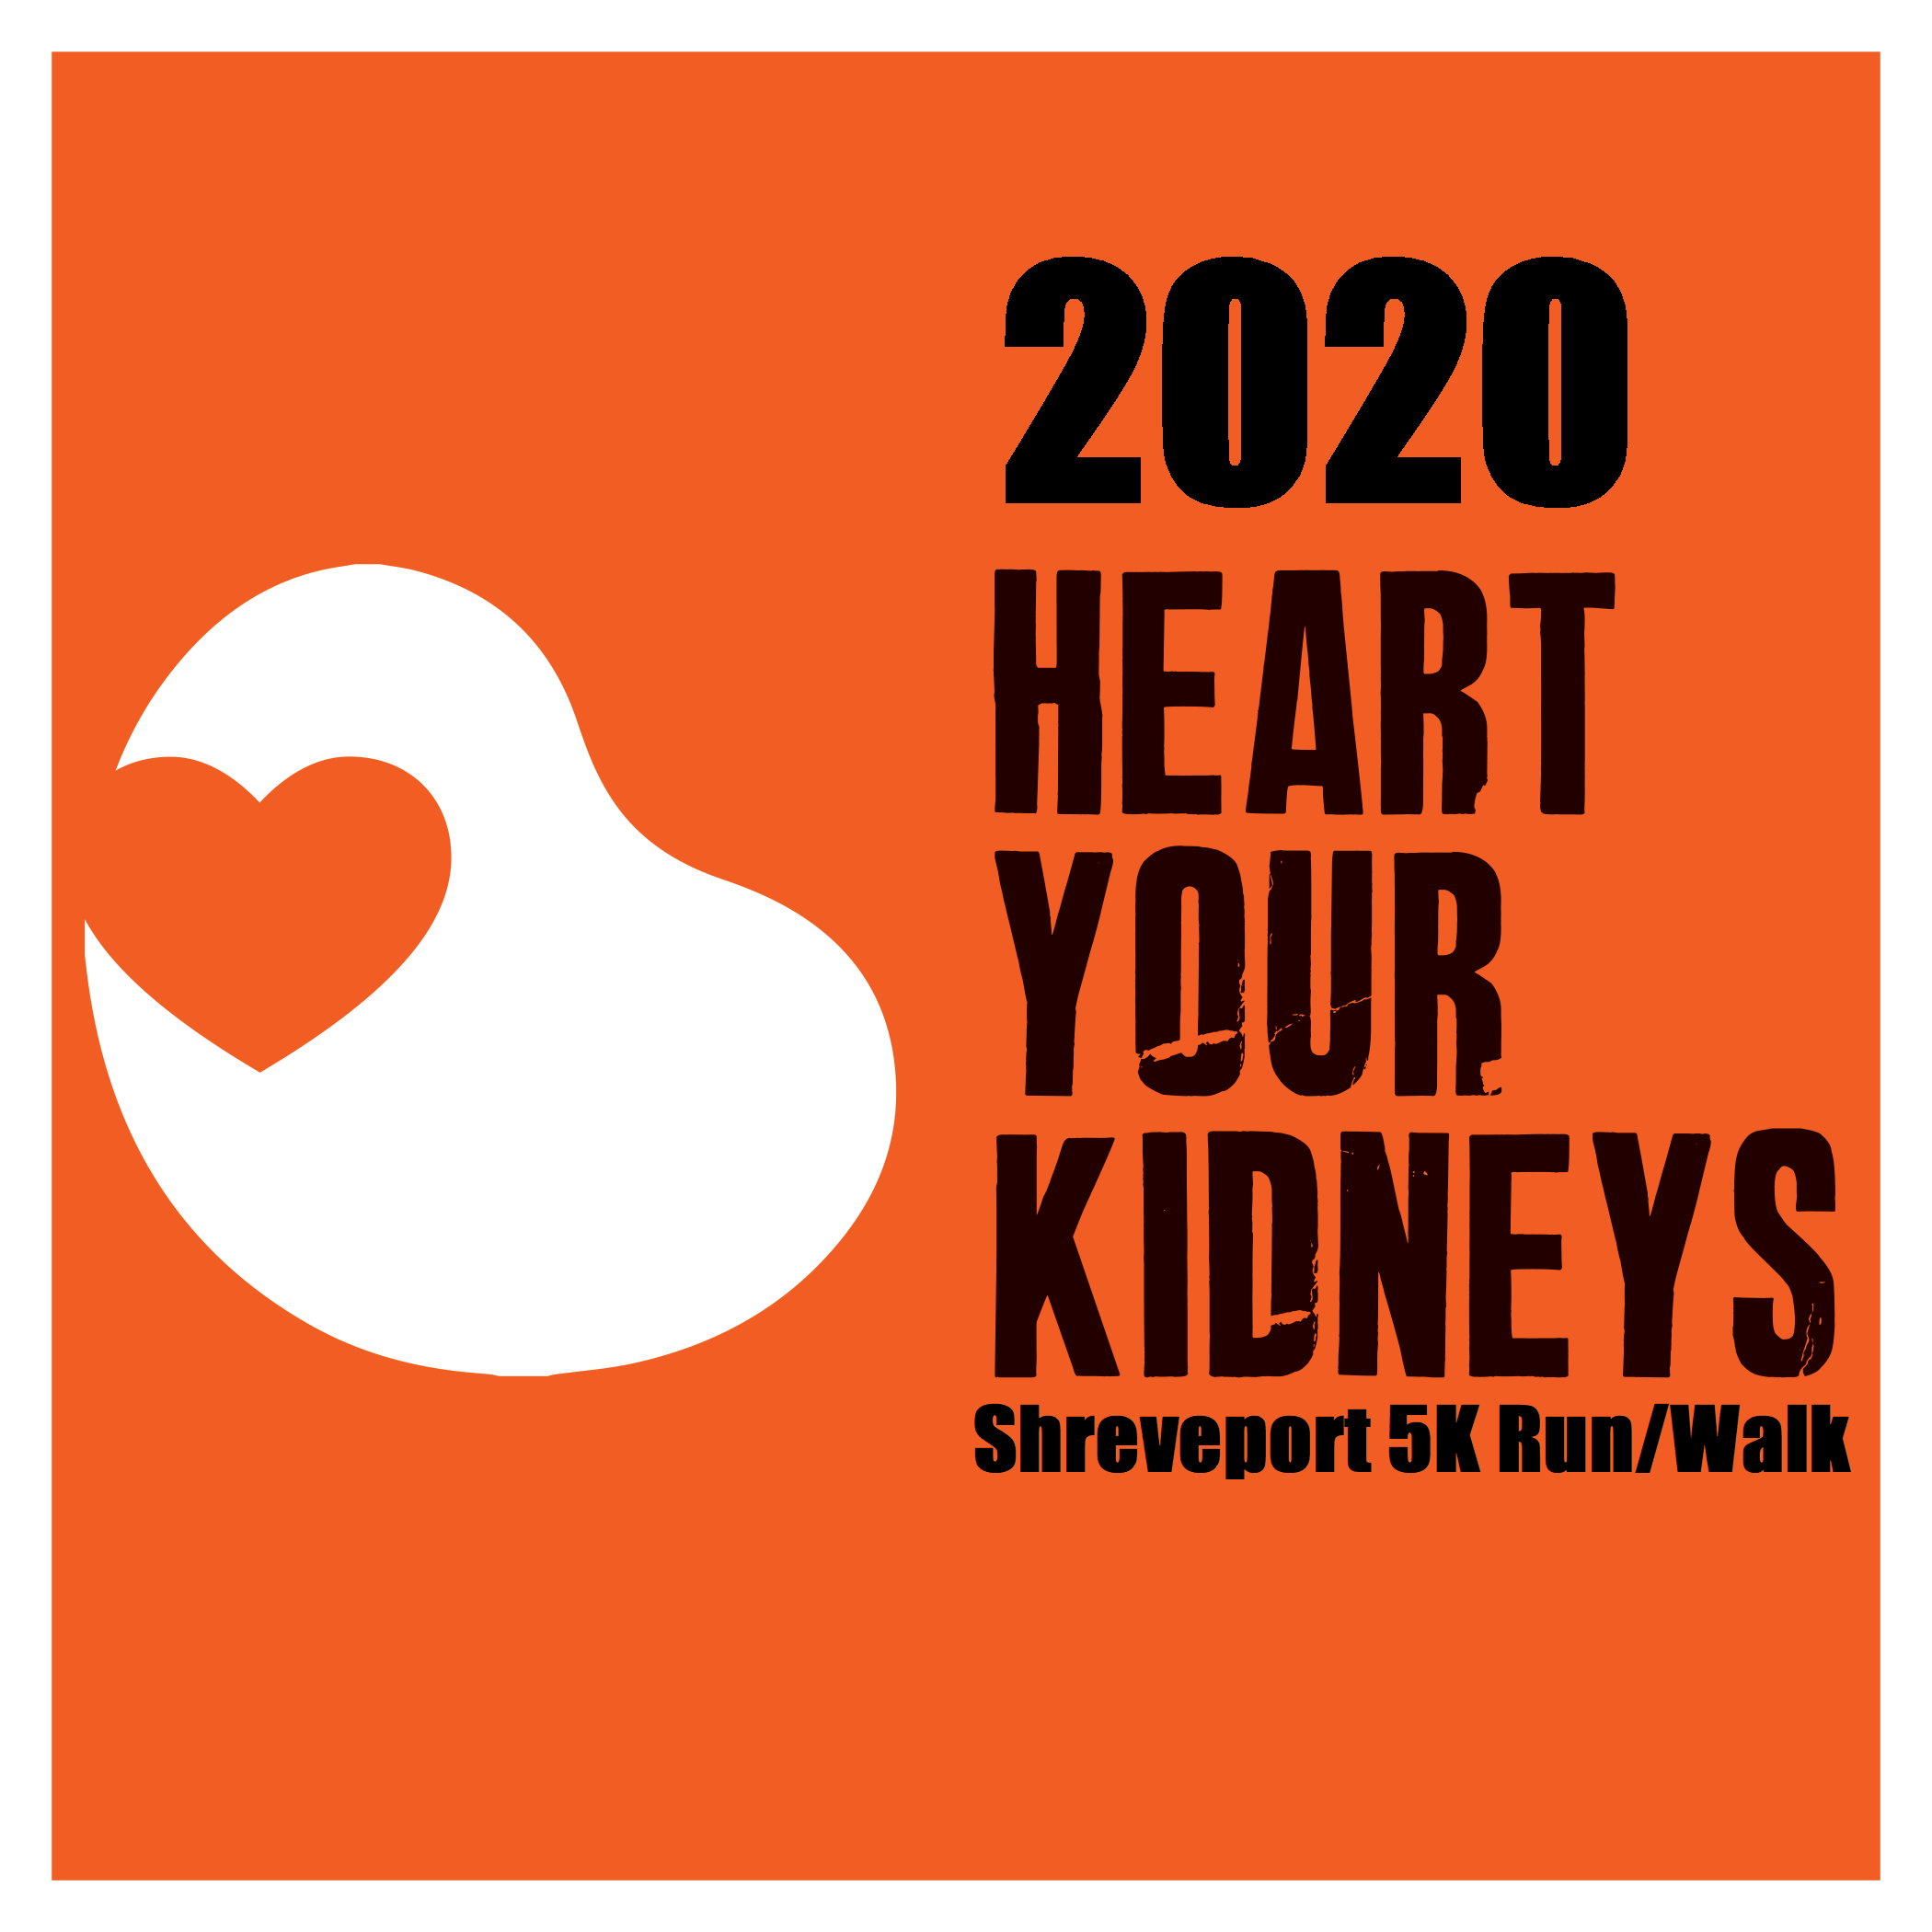 2020 Heart Your Kidneys